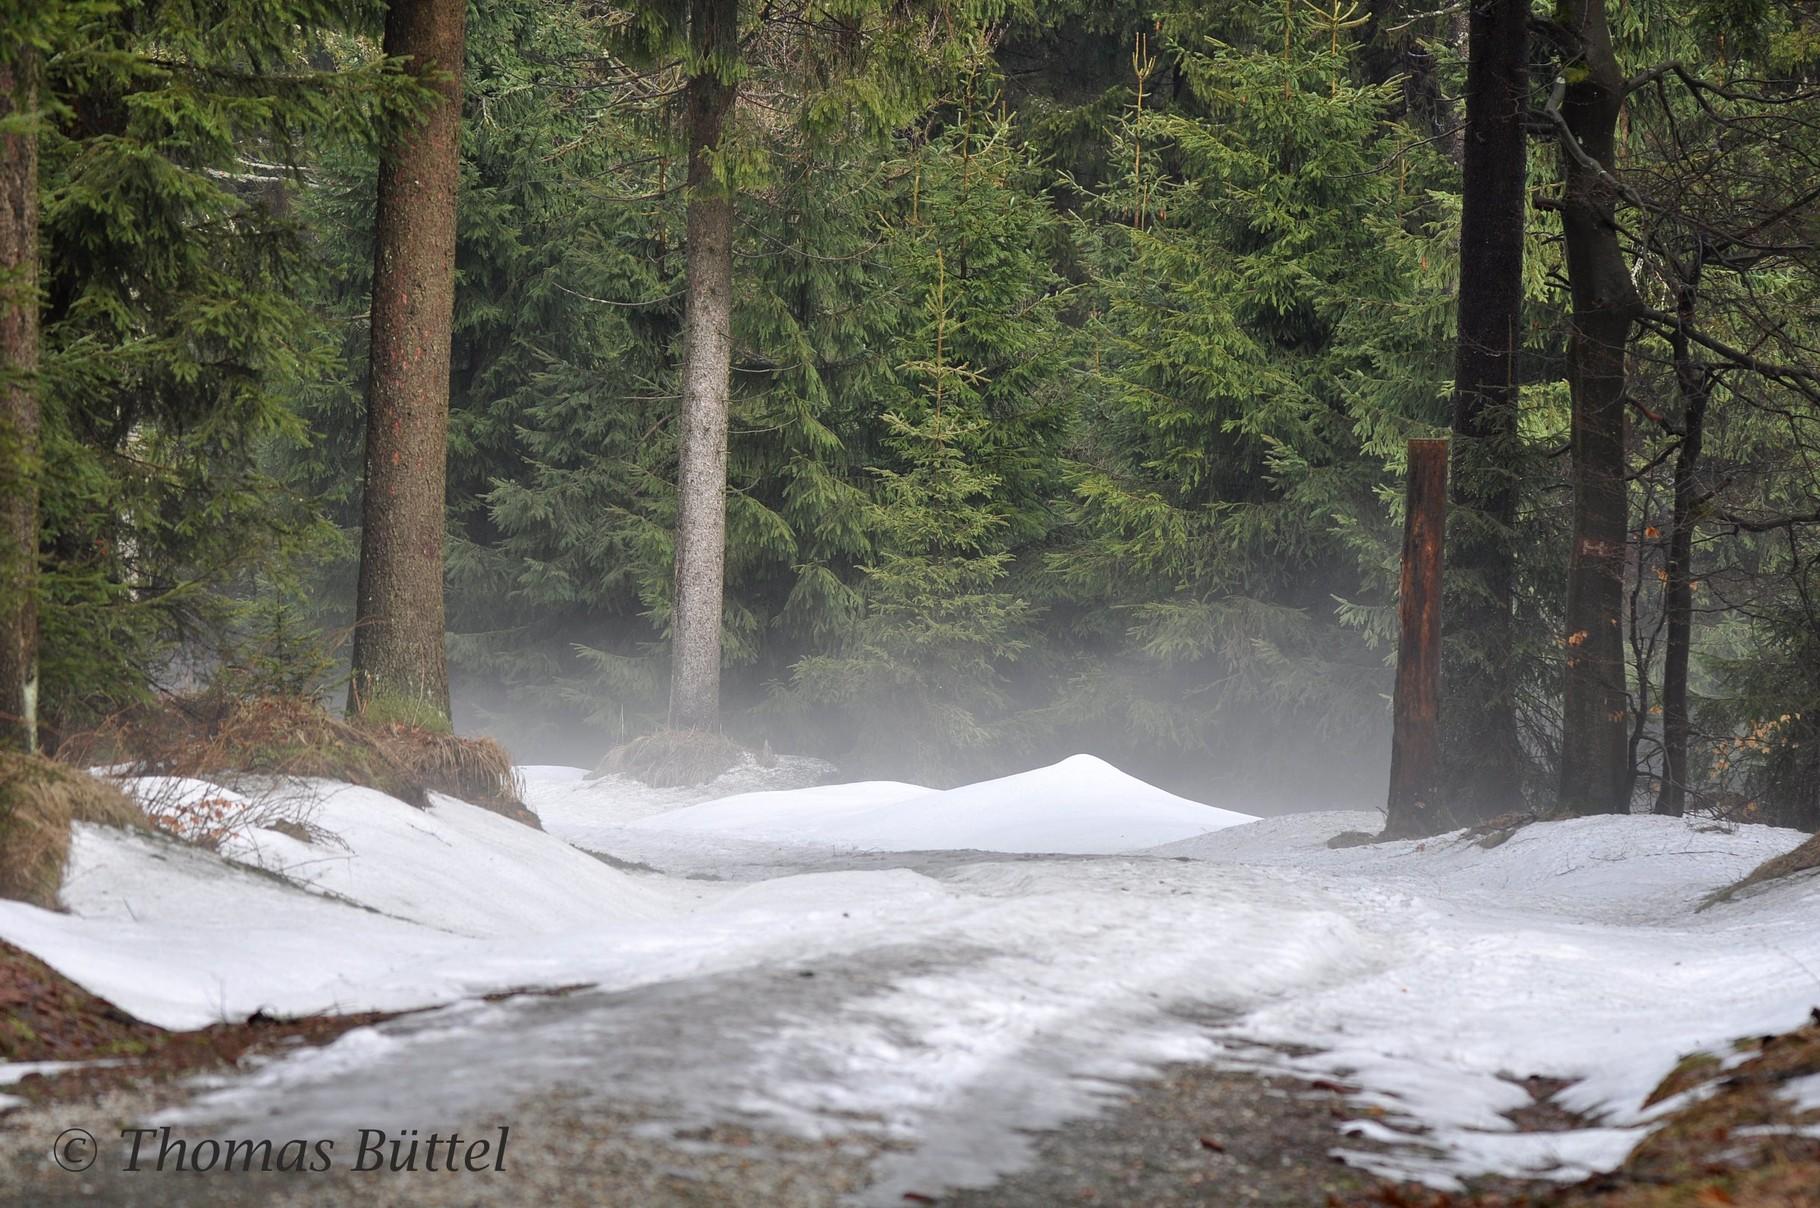 Schnee auf dem Wanderweg